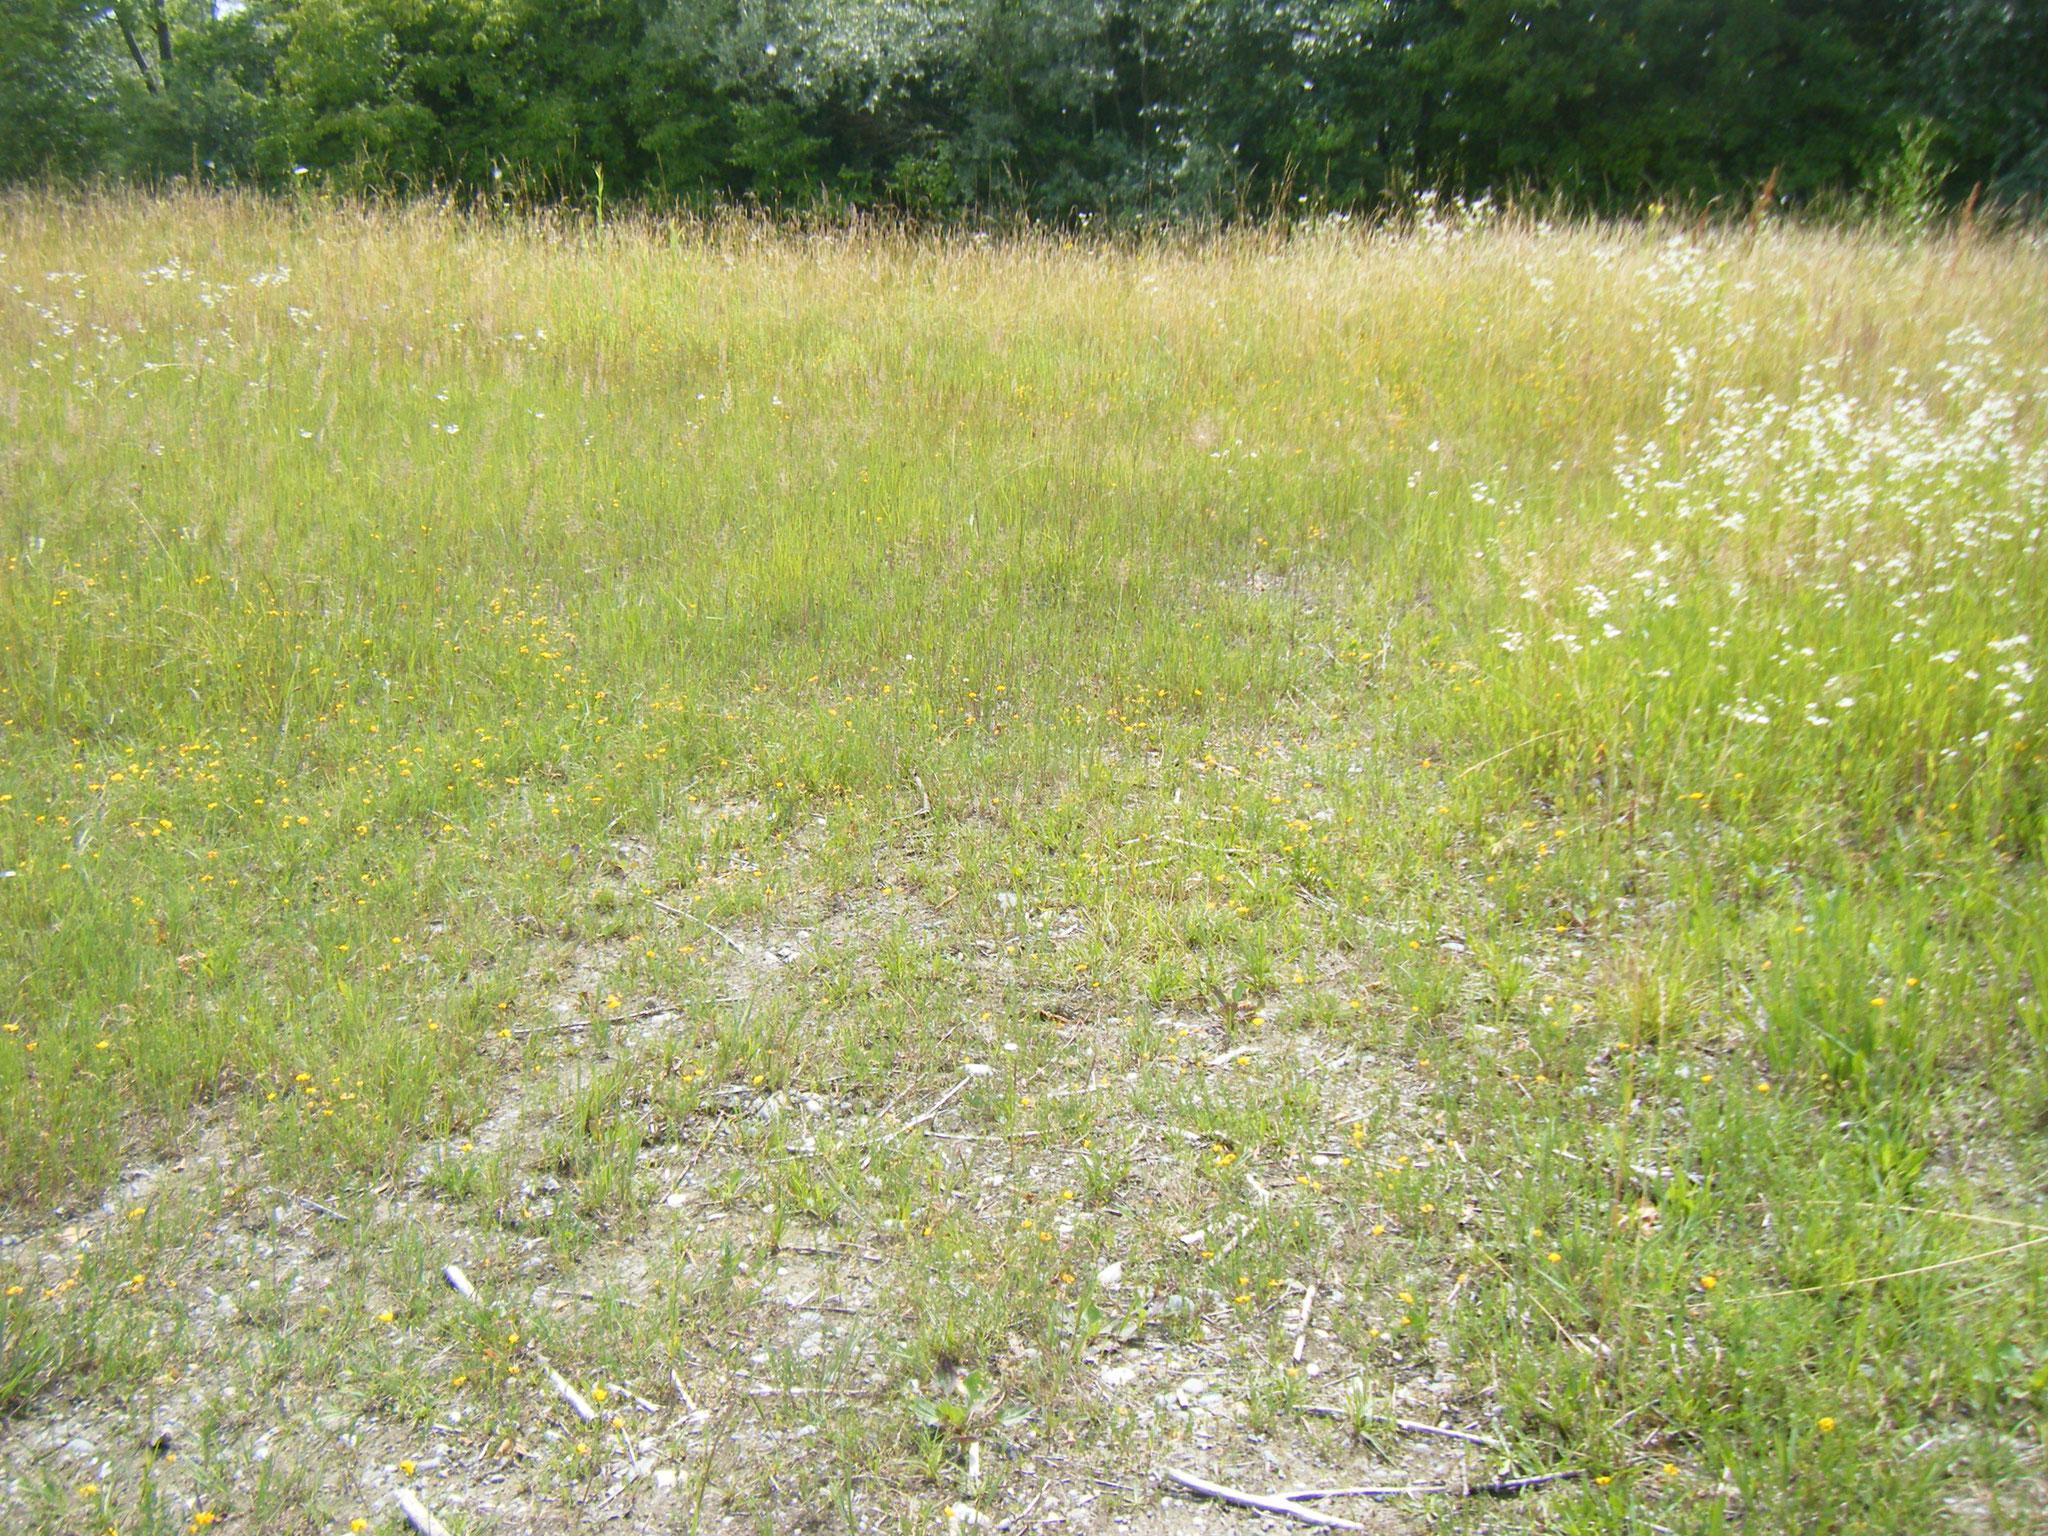 Wenn solche Flächen von schwerem Gerät befahren werden, zeigt sich das noch Jahre später an der kleiner bleibenden Vegetation, durch Verdichtung des Erdreiches